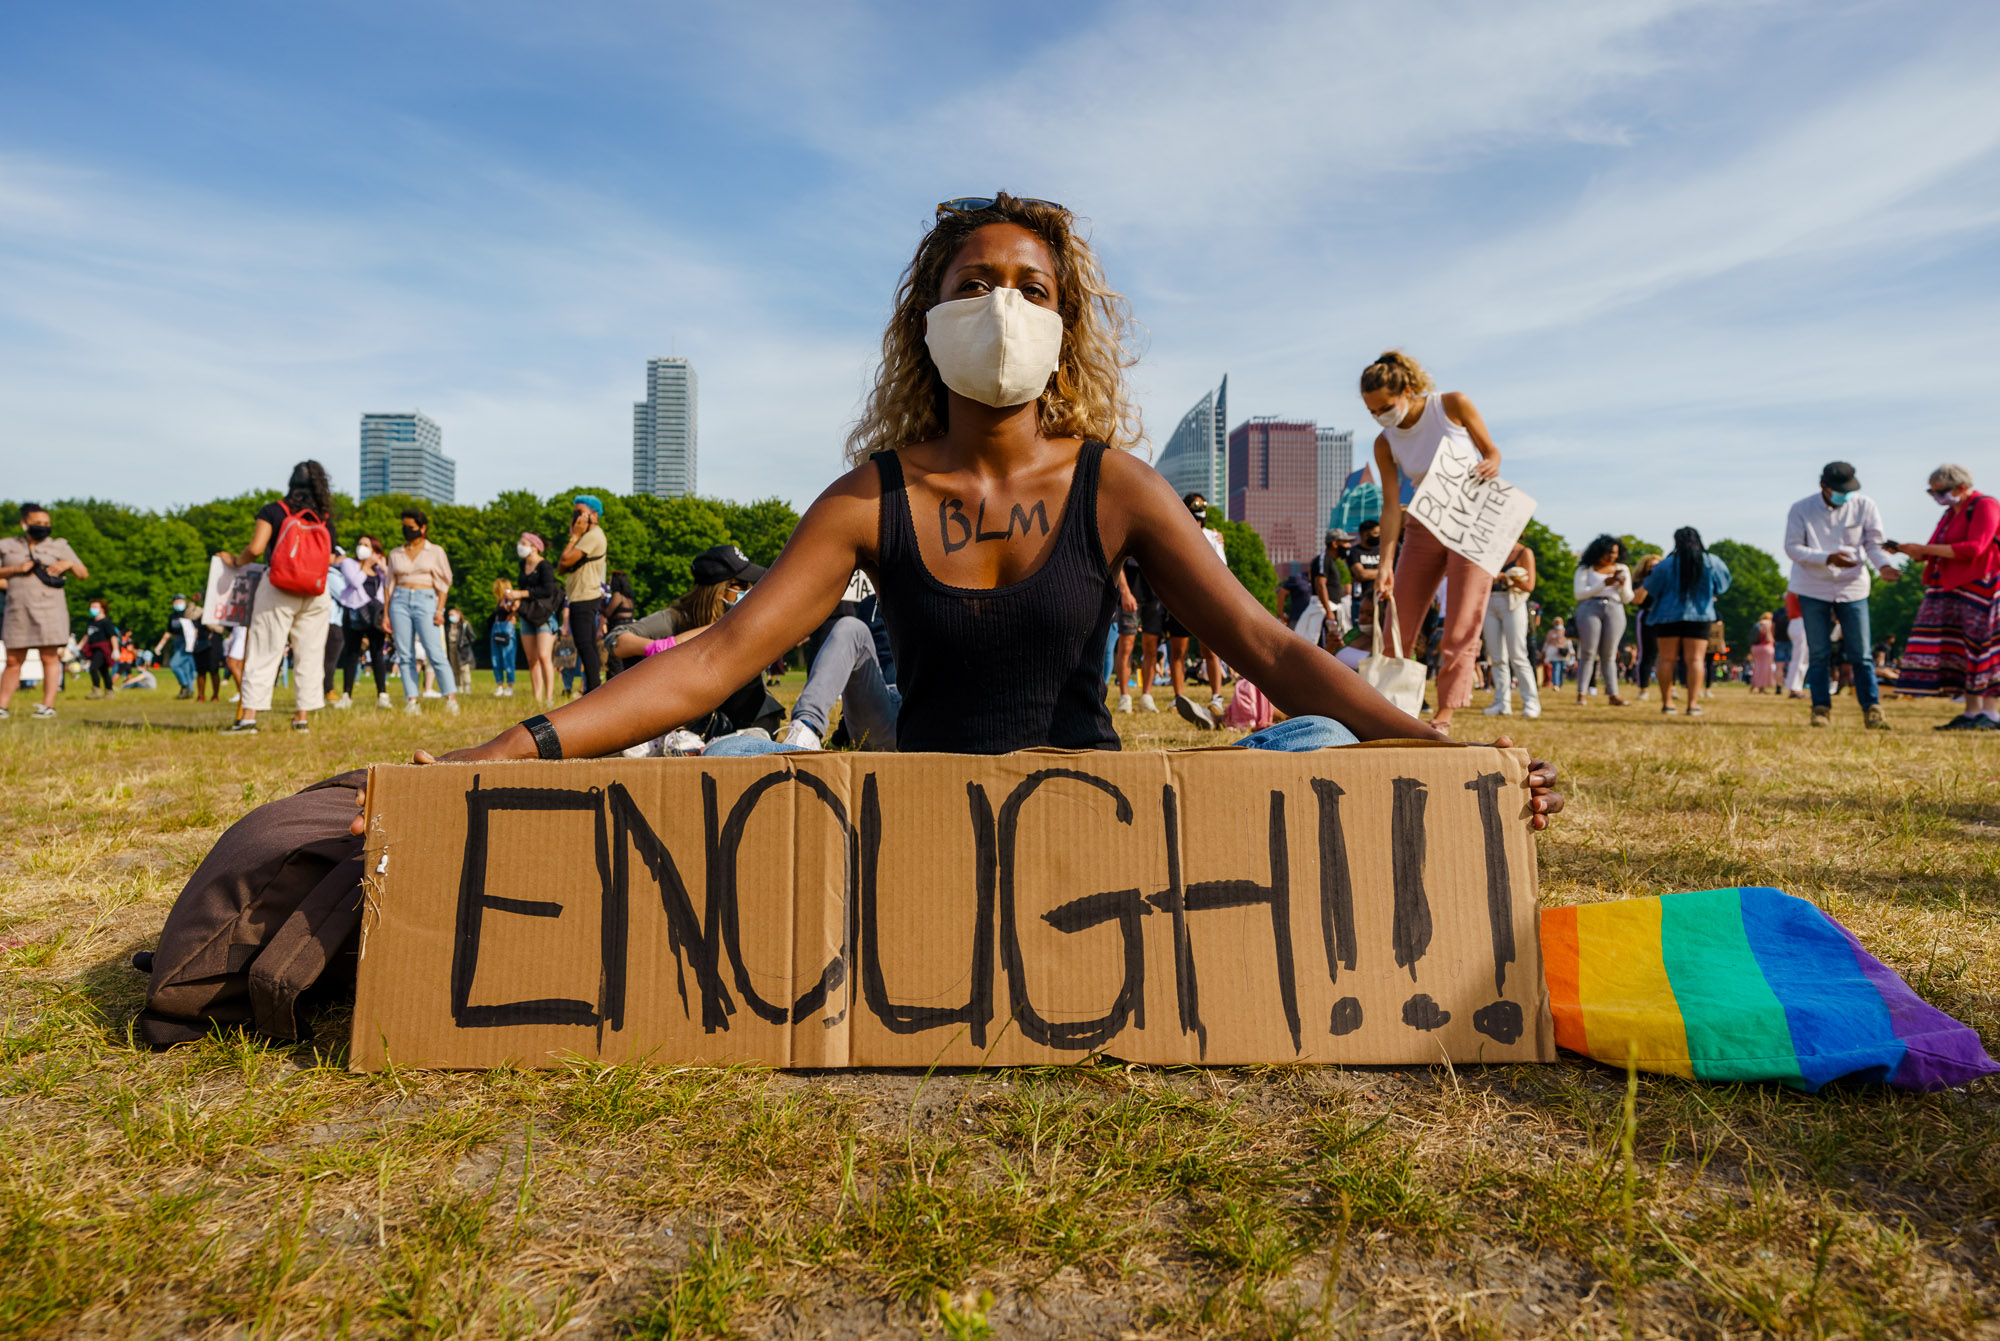 Een foto van een jonge vrouw met mondkapje op het malieveld in den haag, ze zit met een bord waarop 'enough' staat. Op de achtergrond meer demonstranten en de stad Den Haag.